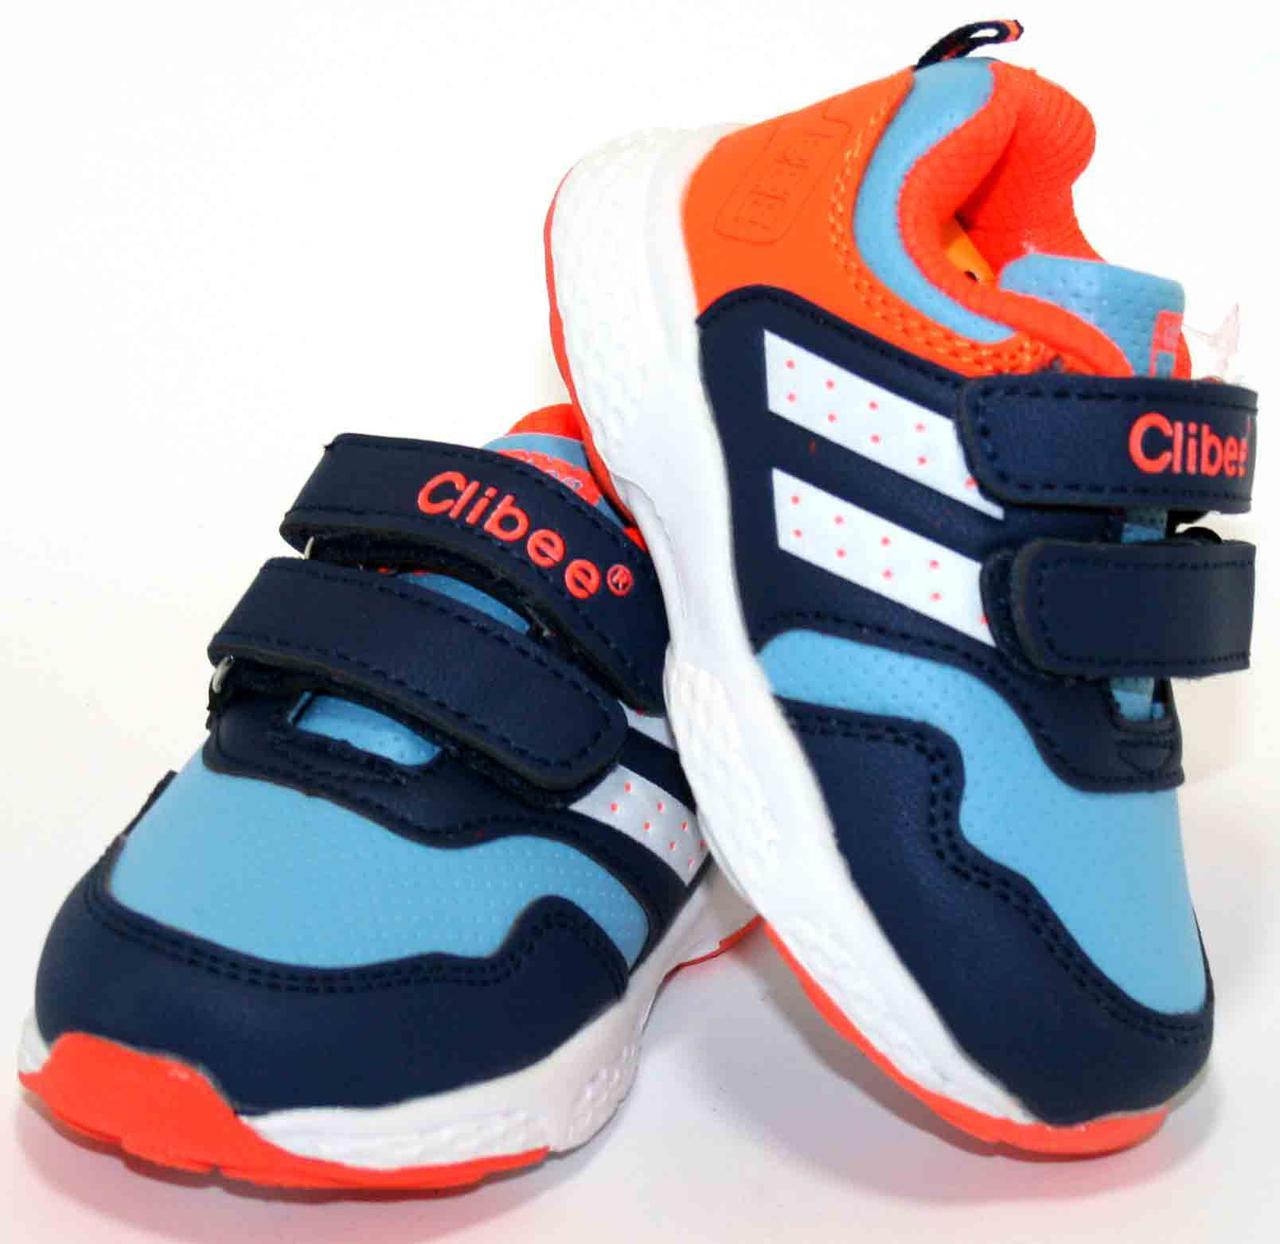 c077db62 Детские кроссовки для мальчиков Clibee Польша размеры 20-25 -  Интернет-магазин